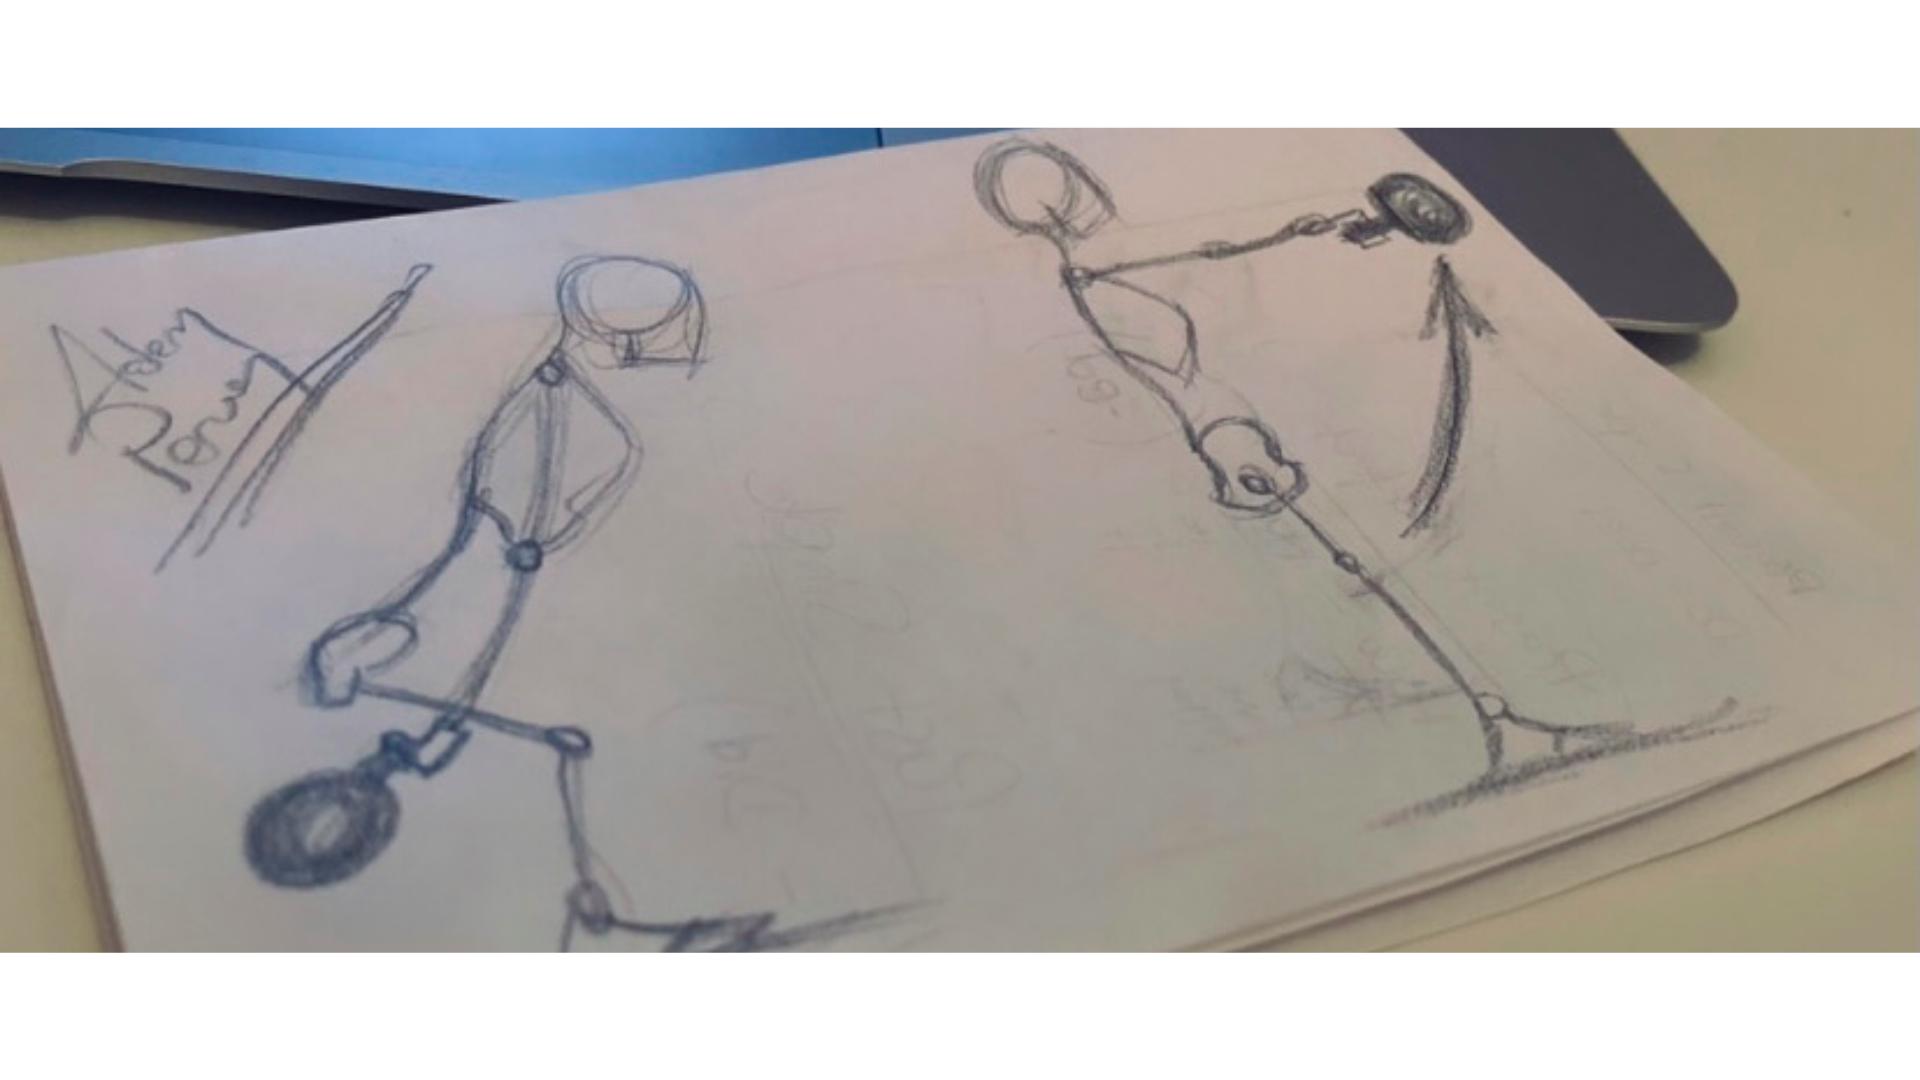 Kettlebell swing hareketinin çizim görseli.